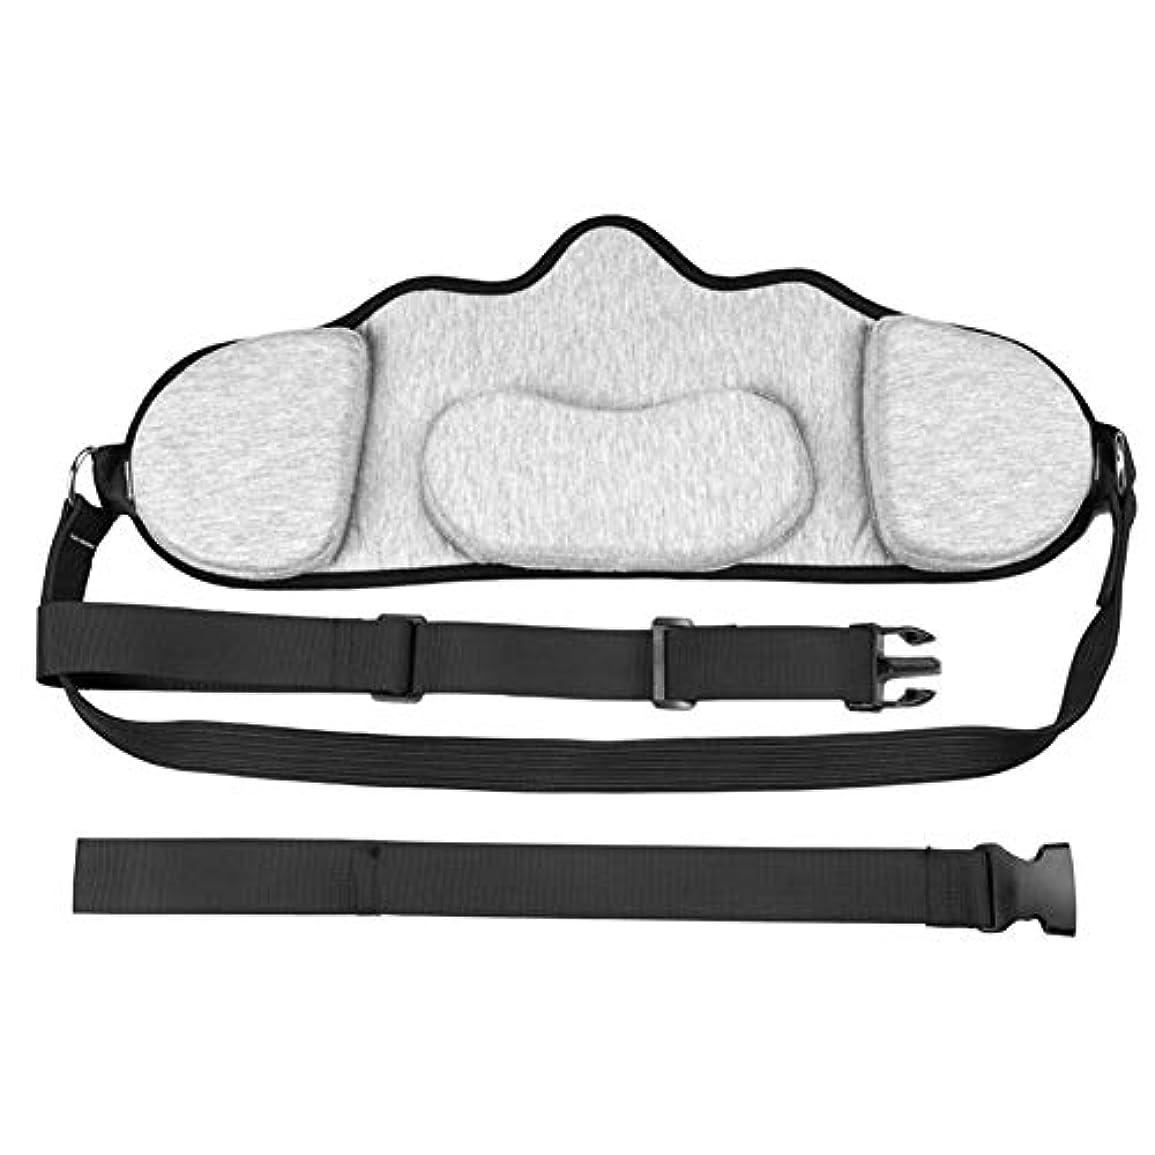 ブリリアントフレットワーディアンケース2パック耐久性のあるポータブル首牽引&リラクゼーションハンモック、オフィスワーカーのドライバーのためのセルフマッサージャーと肩の痛みサポーターを持つ人はリラックスデバイス